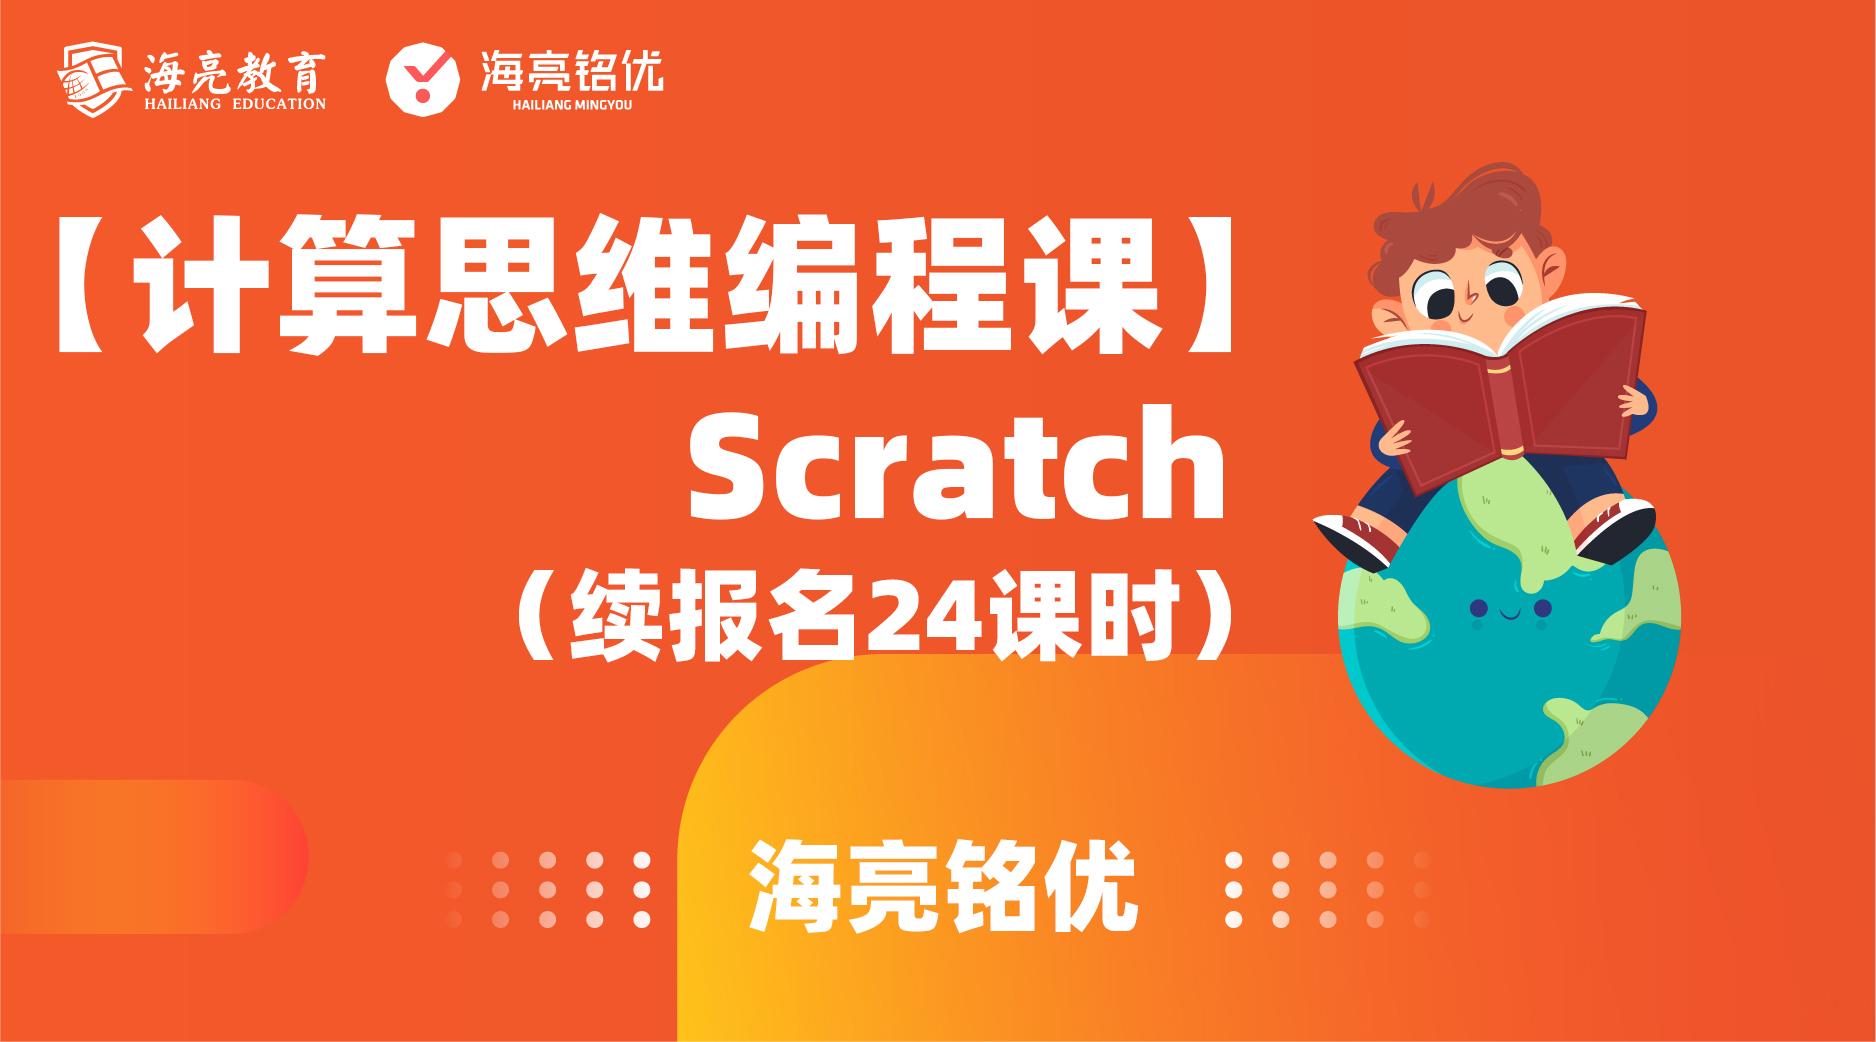 【计算思维编程课】——Scratch(续报名24课时)